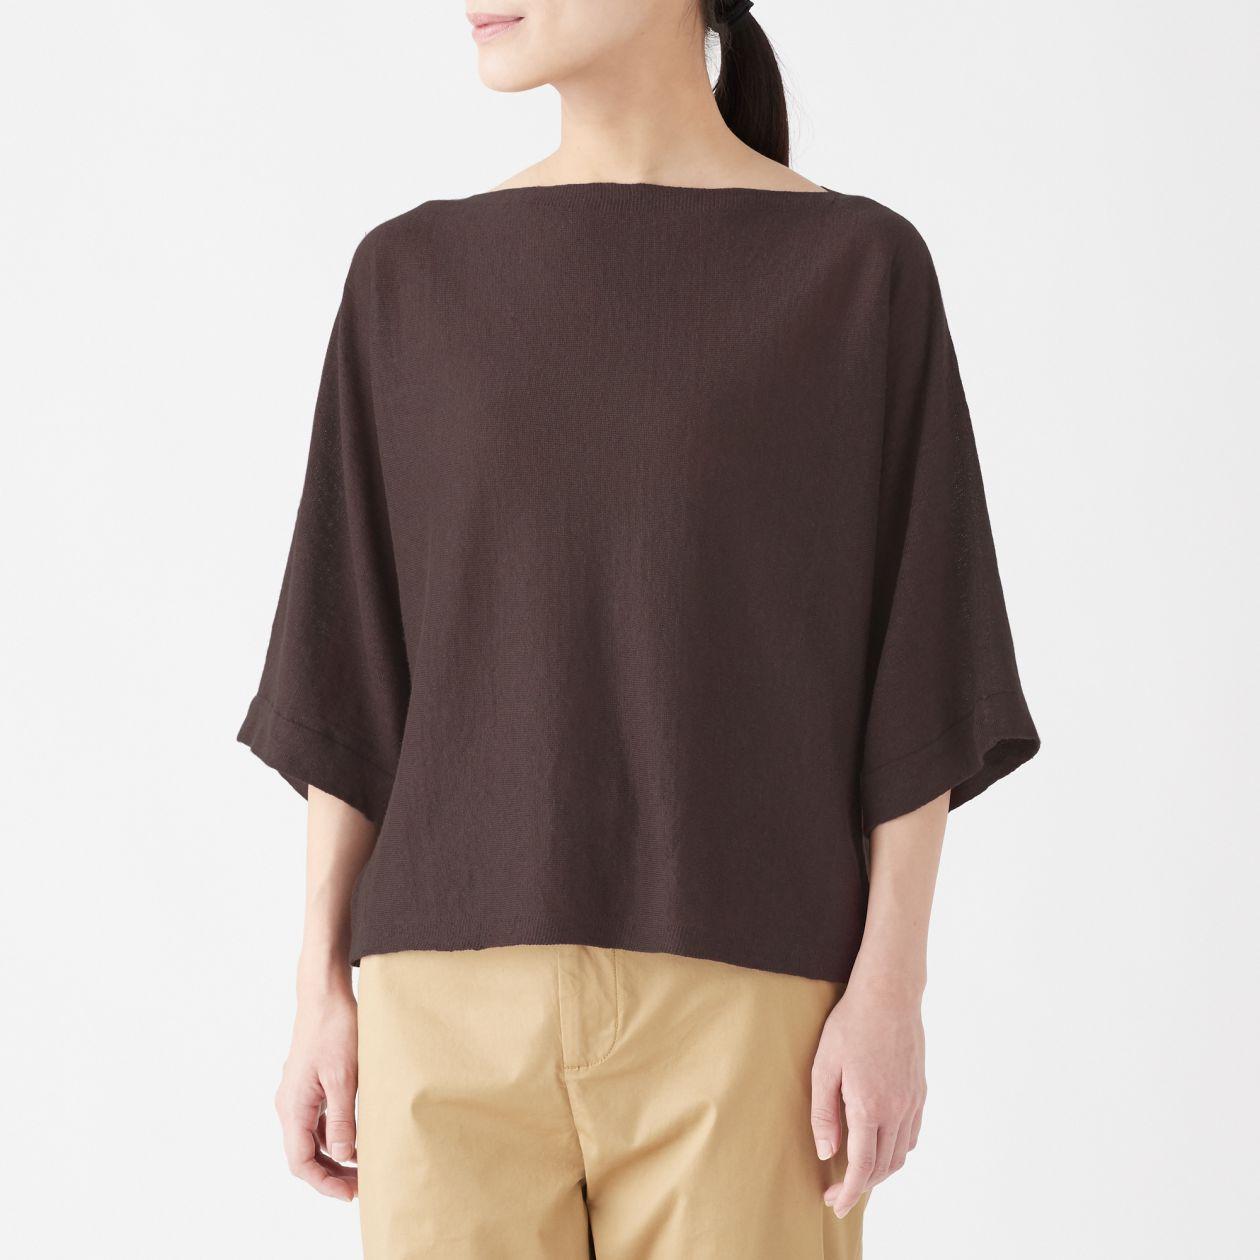 UVカットフレンチリネンドルマンスリーブセーター